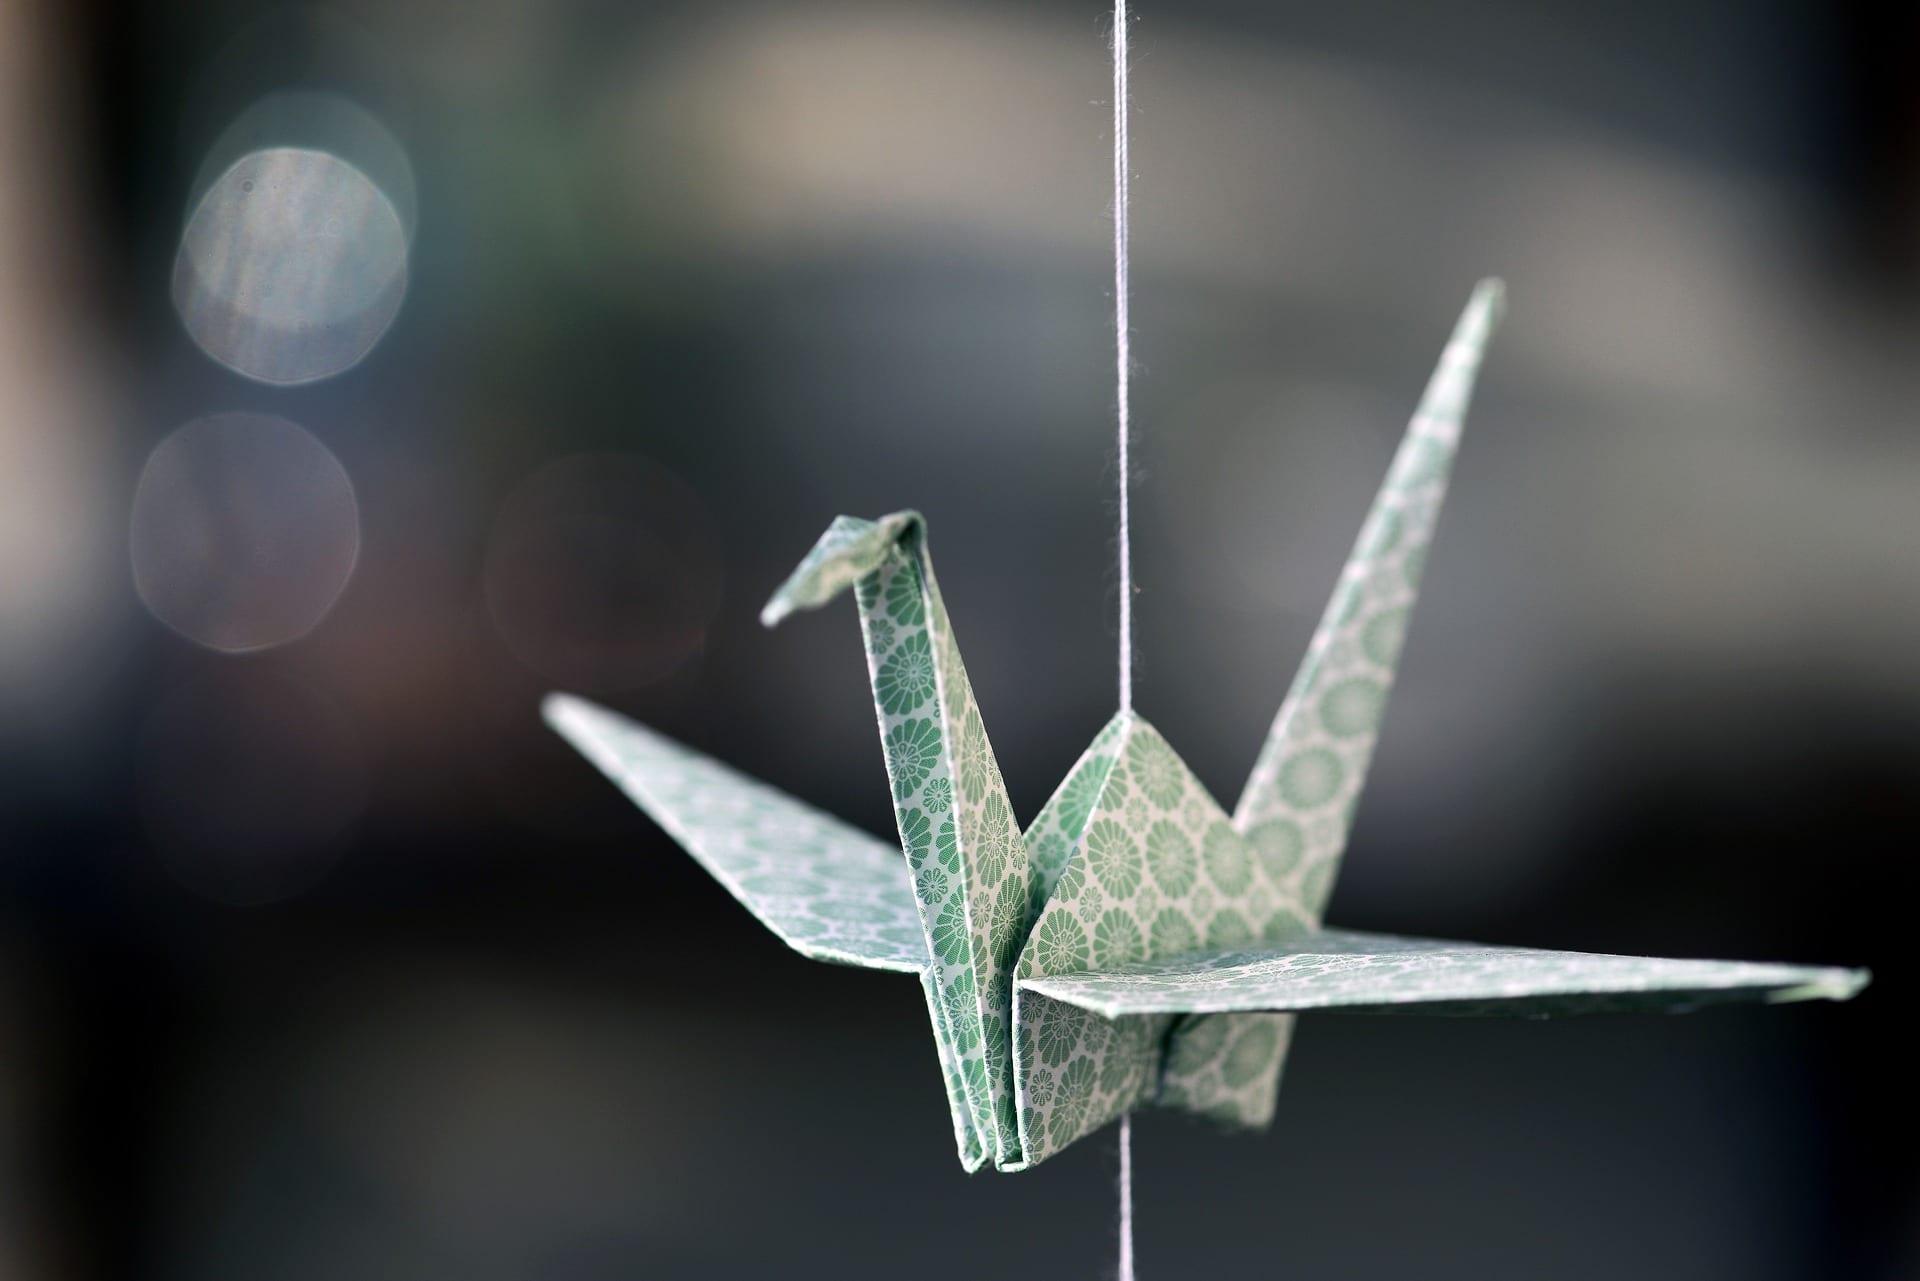 Gli origami entrano nel futuro dei viaggi nello spazio